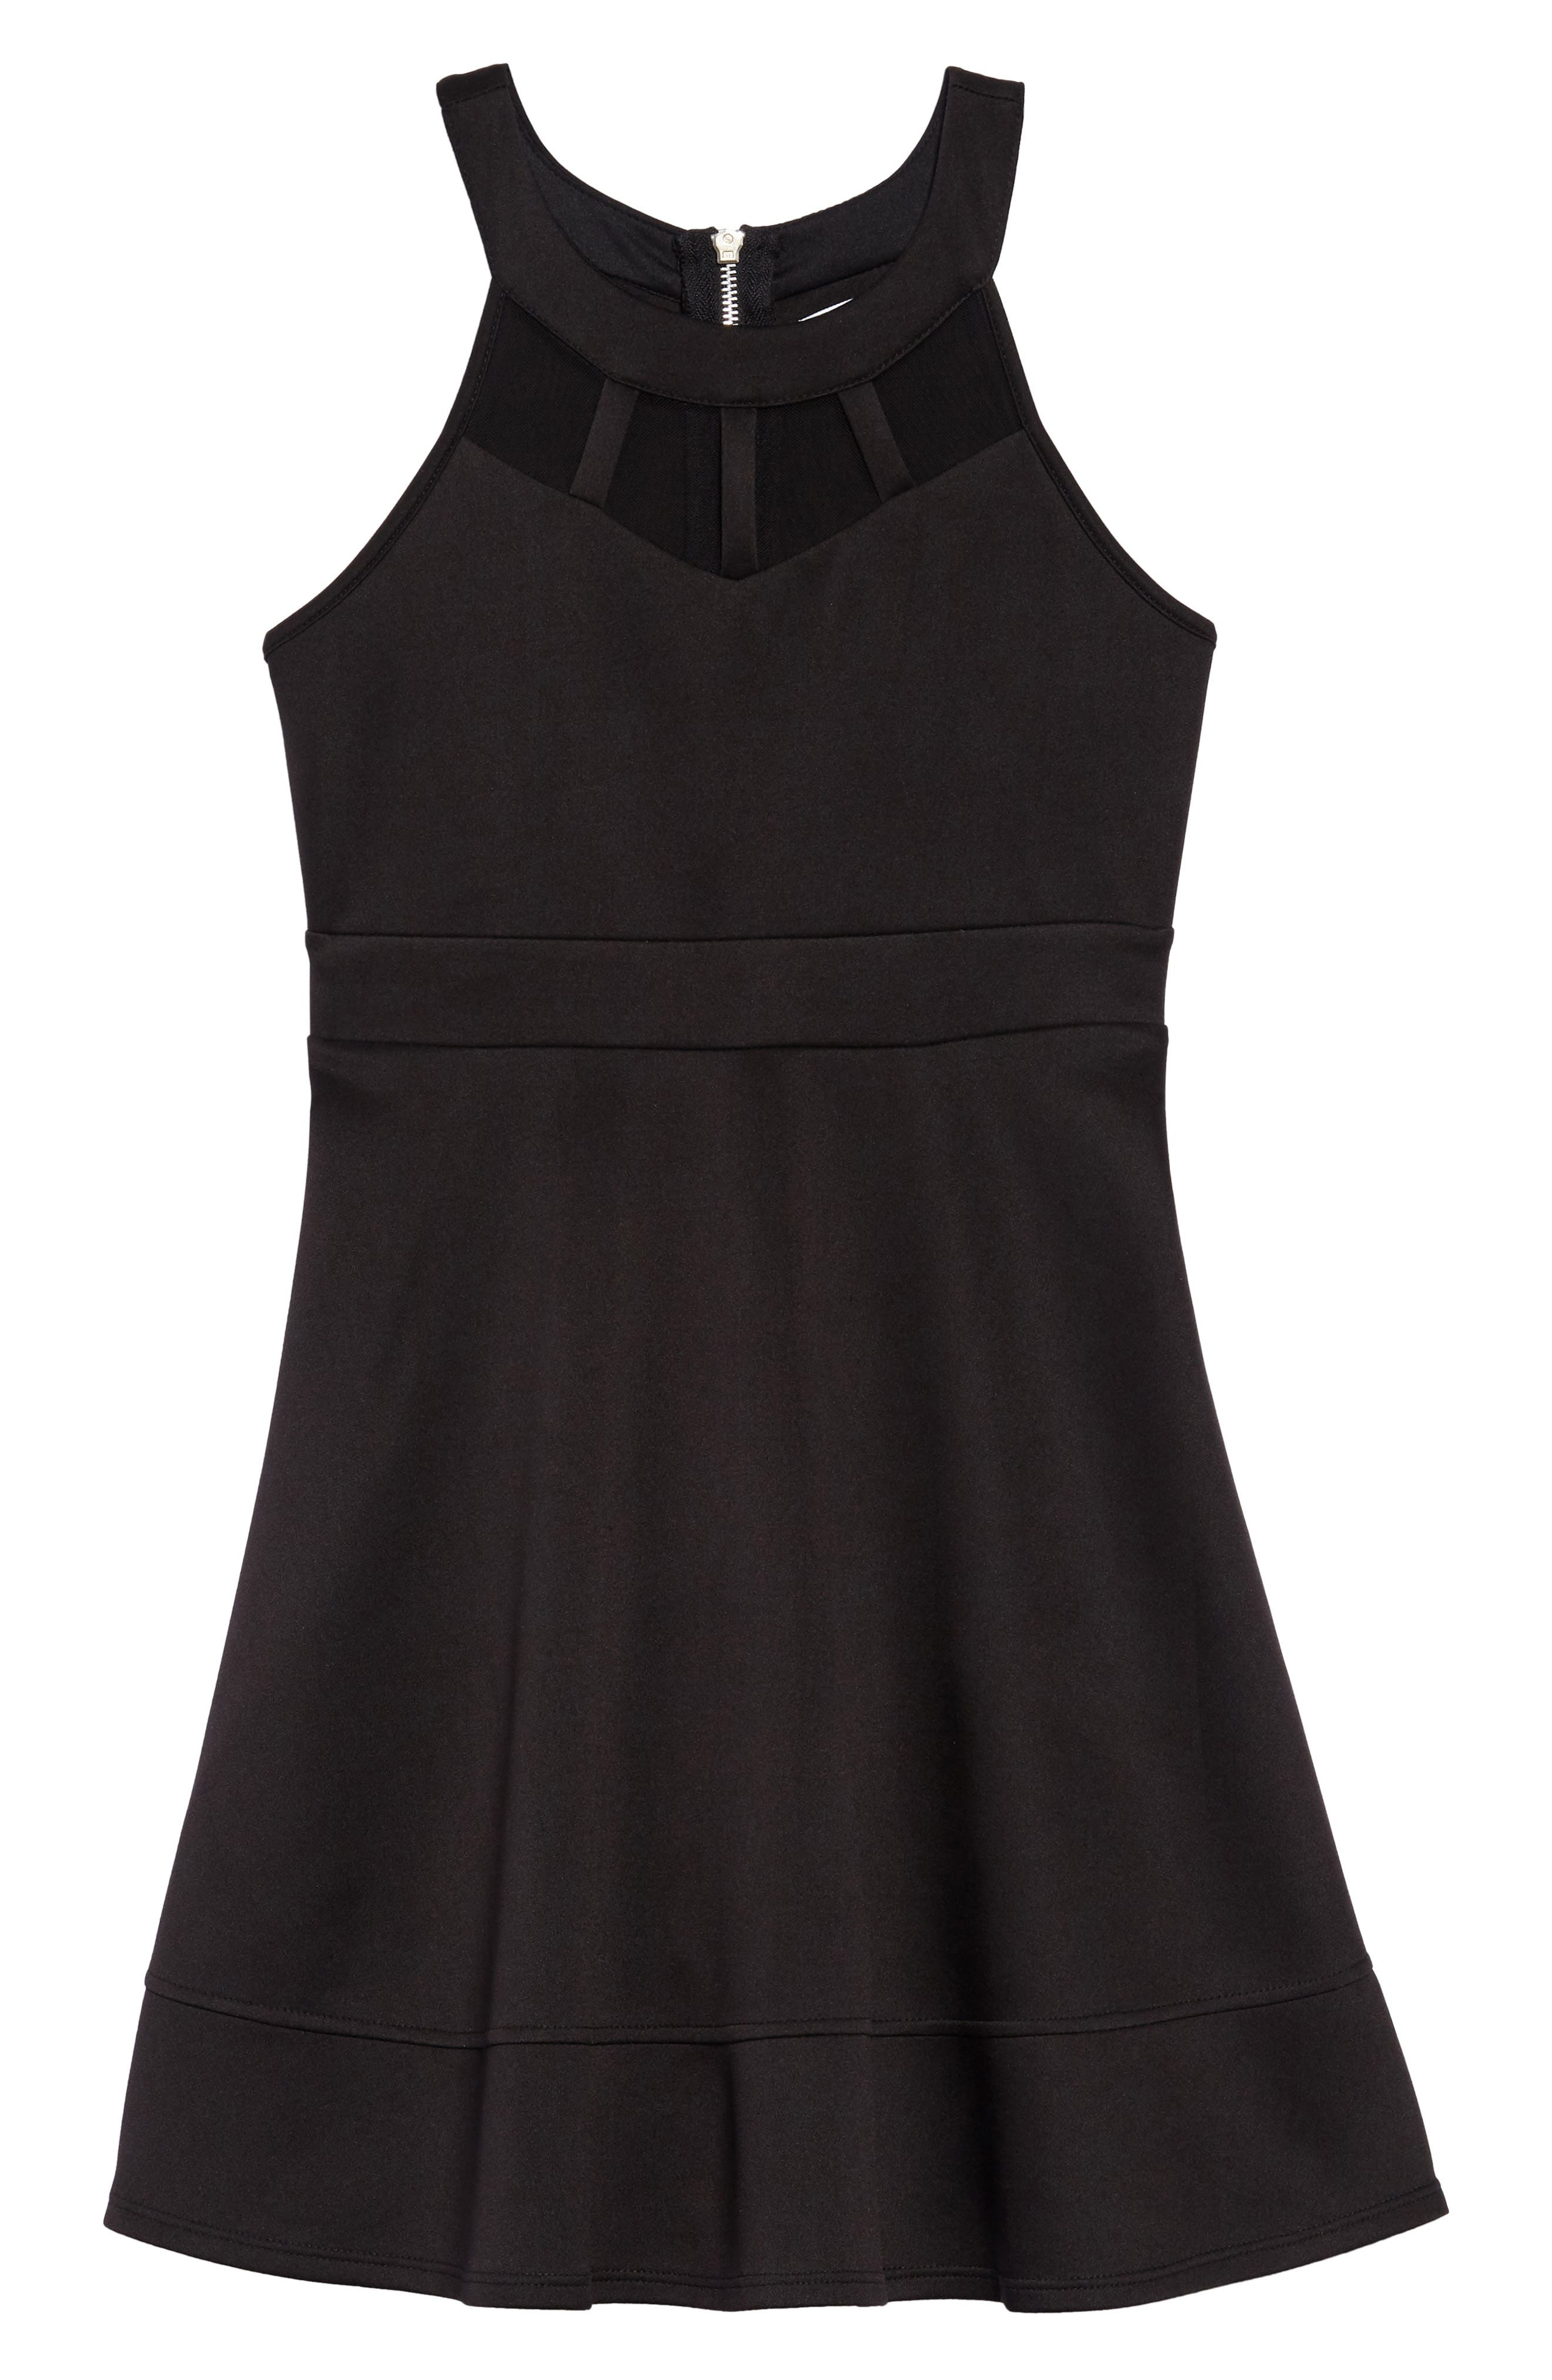 Illusion Neck Skater Dress,                             Main thumbnail 1, color,                             Black